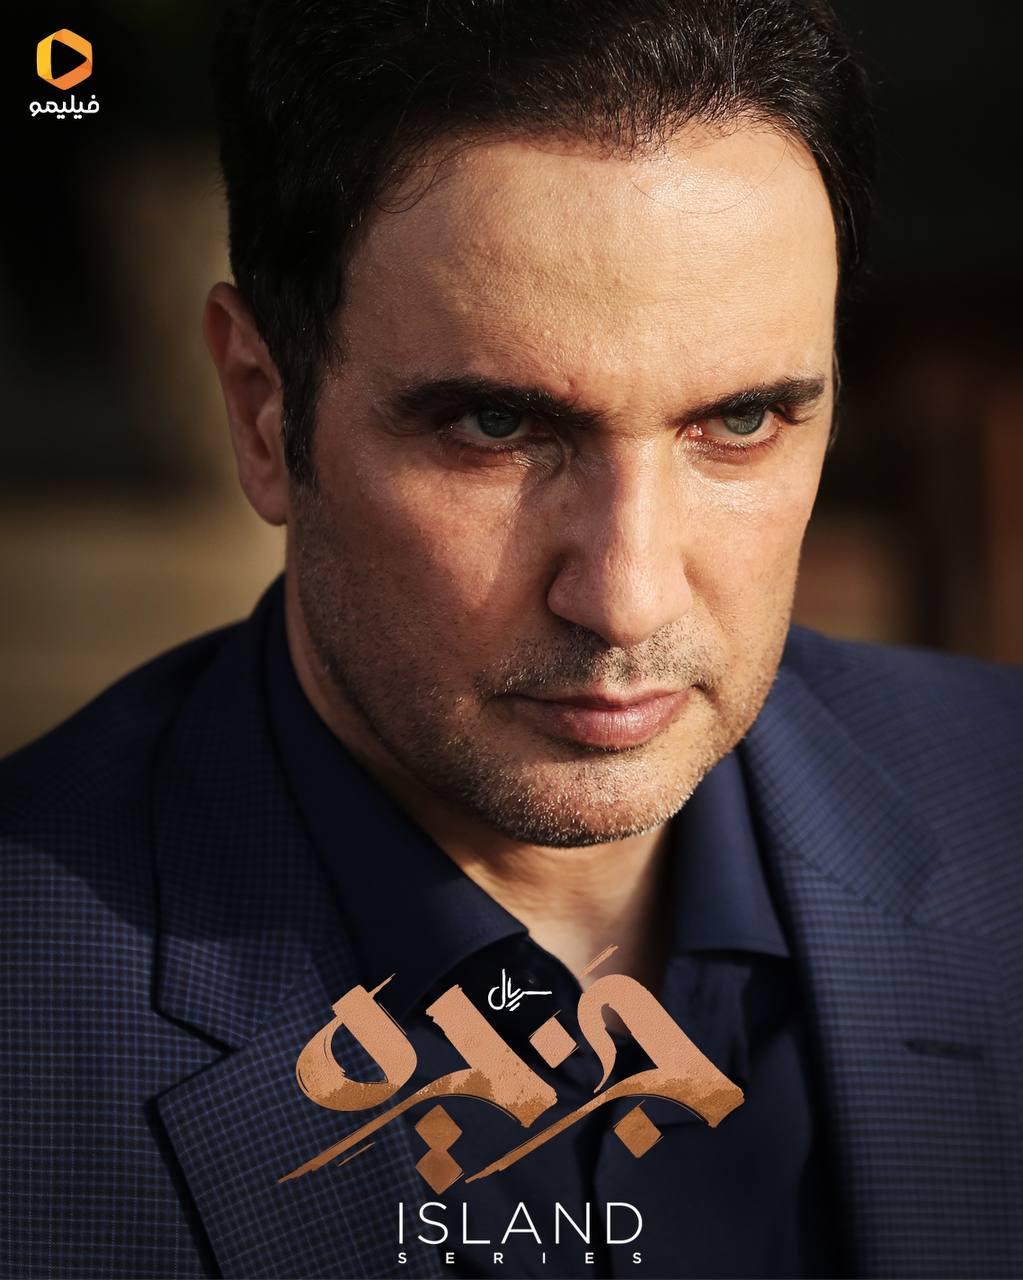 محمدرضا فروتن در گروه بازیگران سریال جزیره